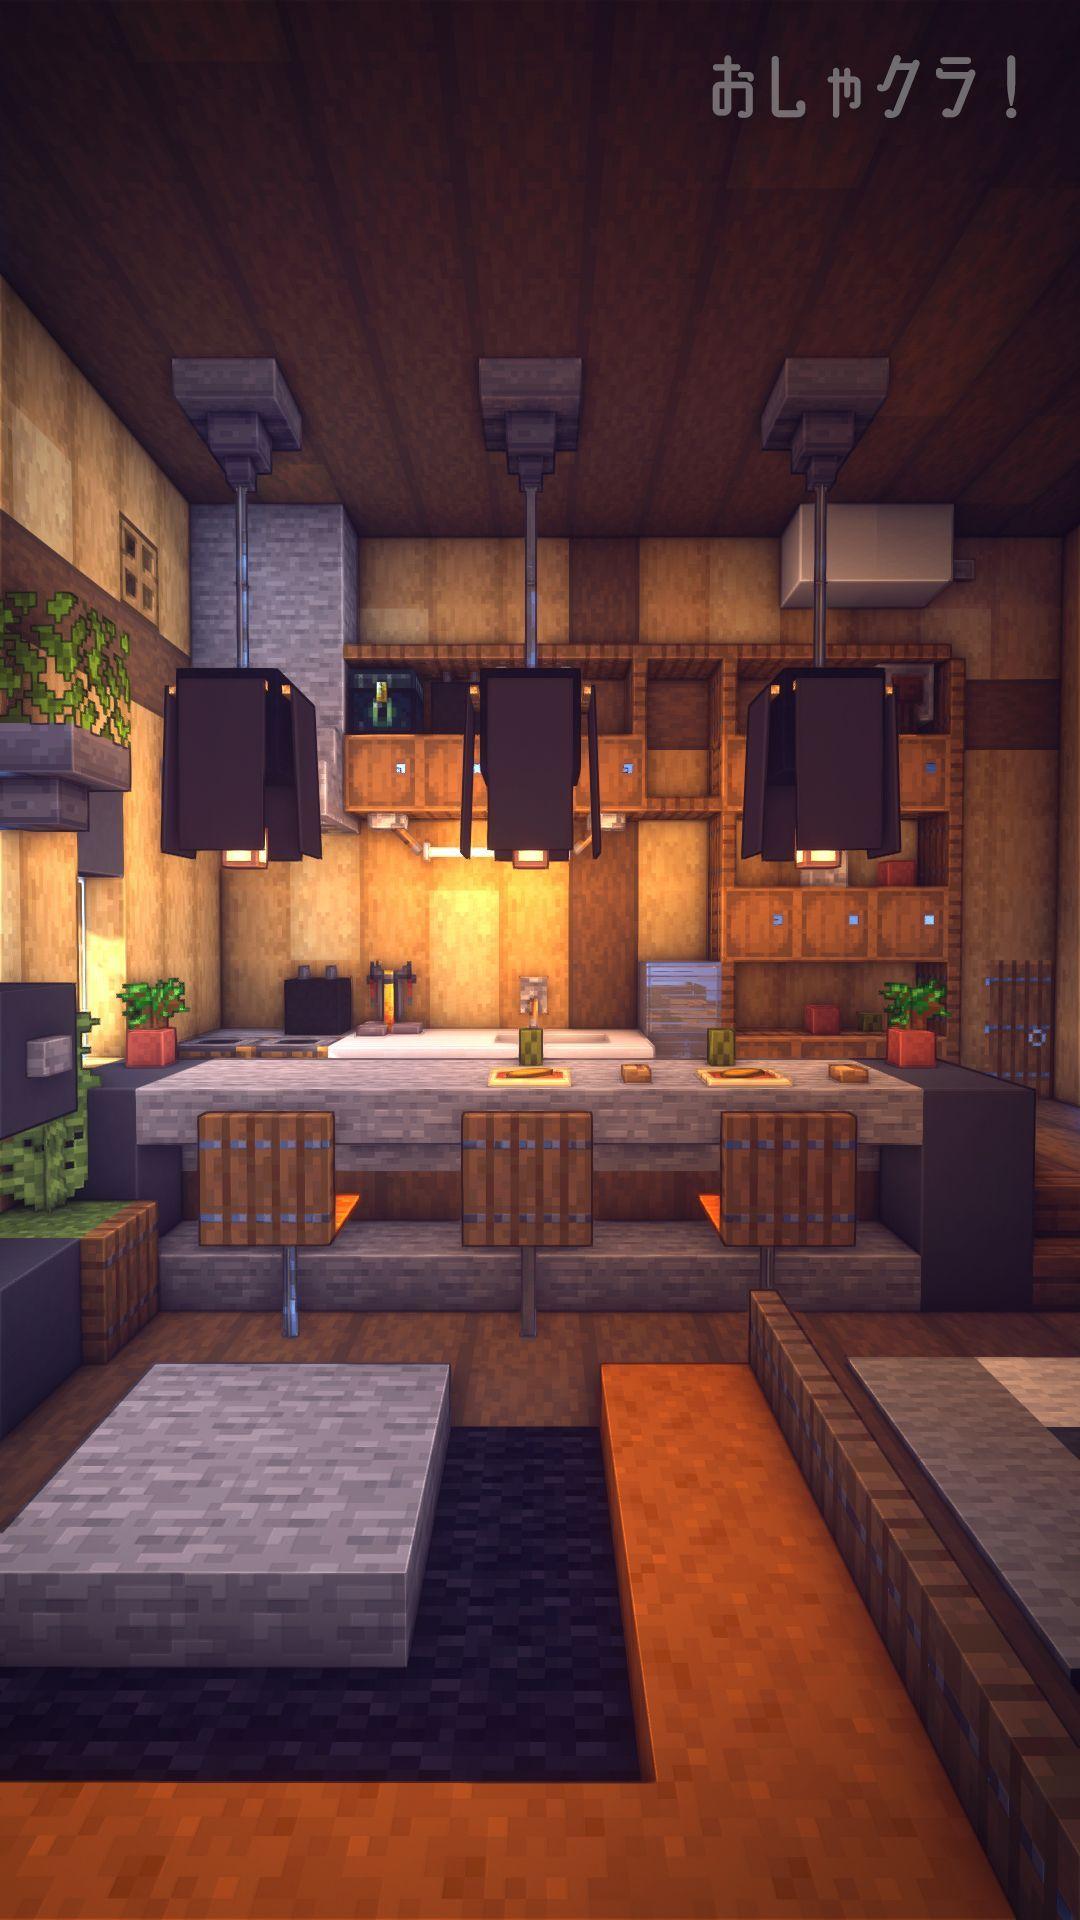 Minecraft Builds On Instagram Would You Build This Follow Minecraftwisdom Fol Minecraft Mansion Minecraft House Designs Minecraft Interior Design